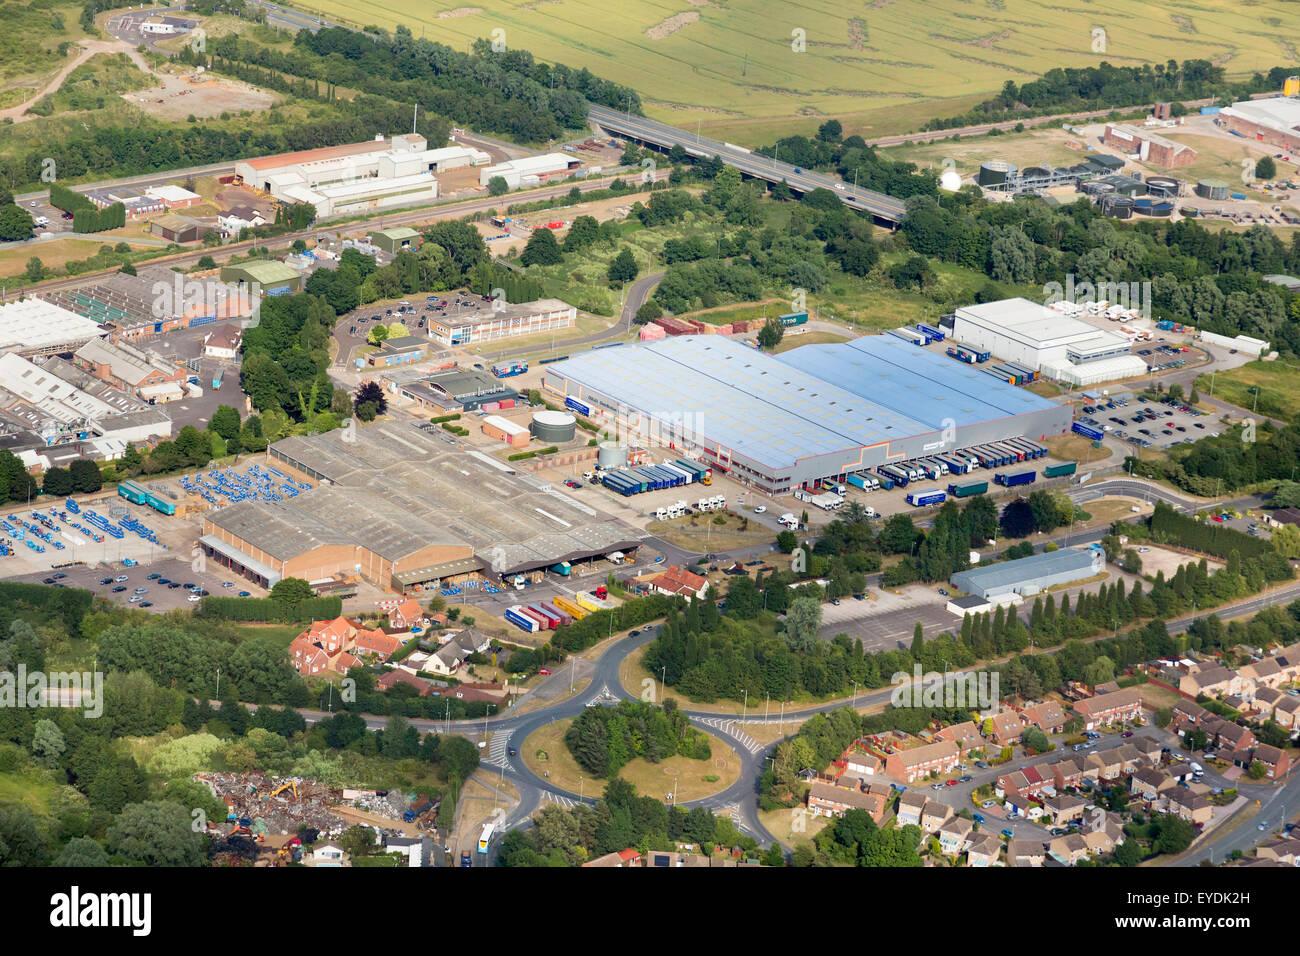 Foto aerea industrial estate in Stowmarket, Regno Unito Immagini Stock